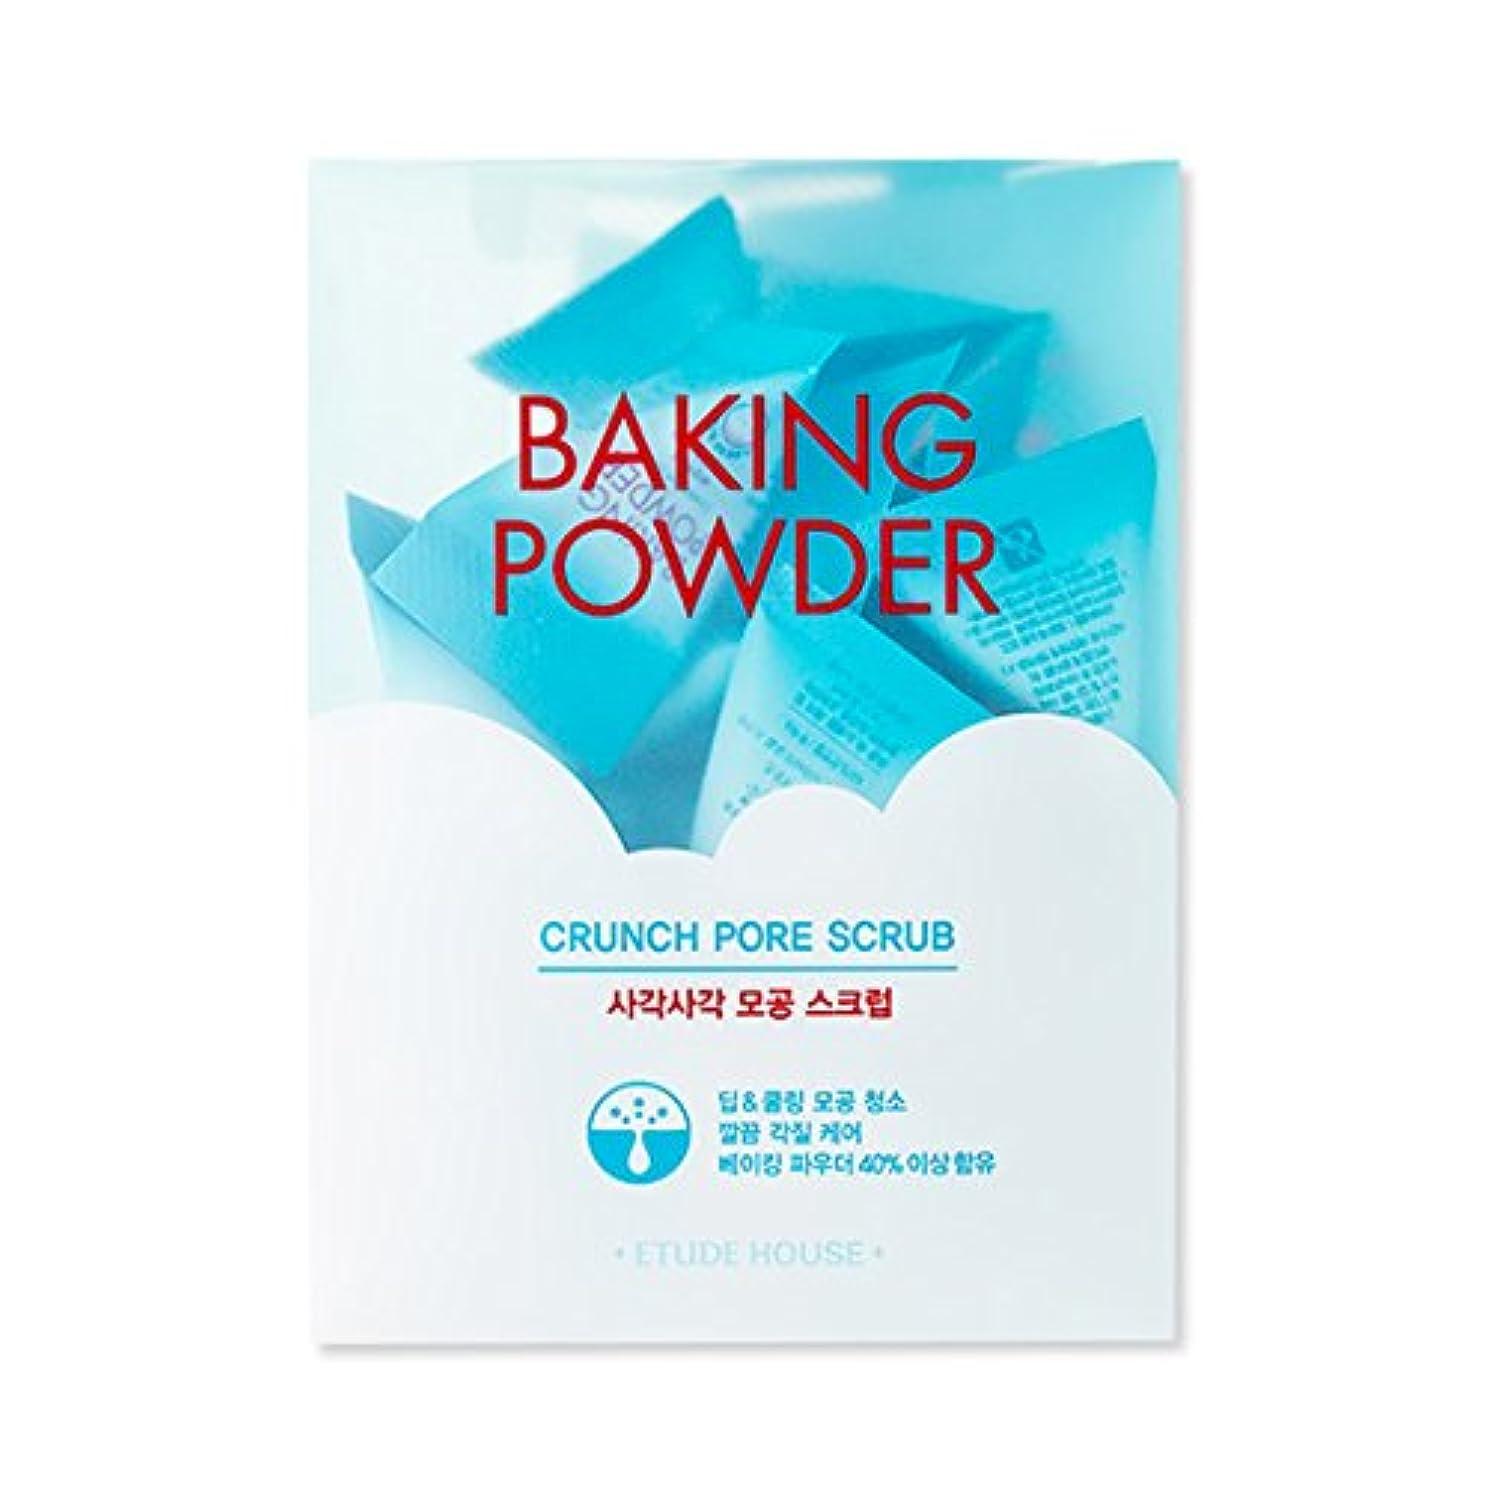 階下ドキドキテキスト[2016 Upgrade!] ETUDE HOUSE Baking Powder Crunch Pore Scrub 7g×24ea/エチュードハウス ベーキング パウダー クランチ ポア スクラブ 7g×24ea [...